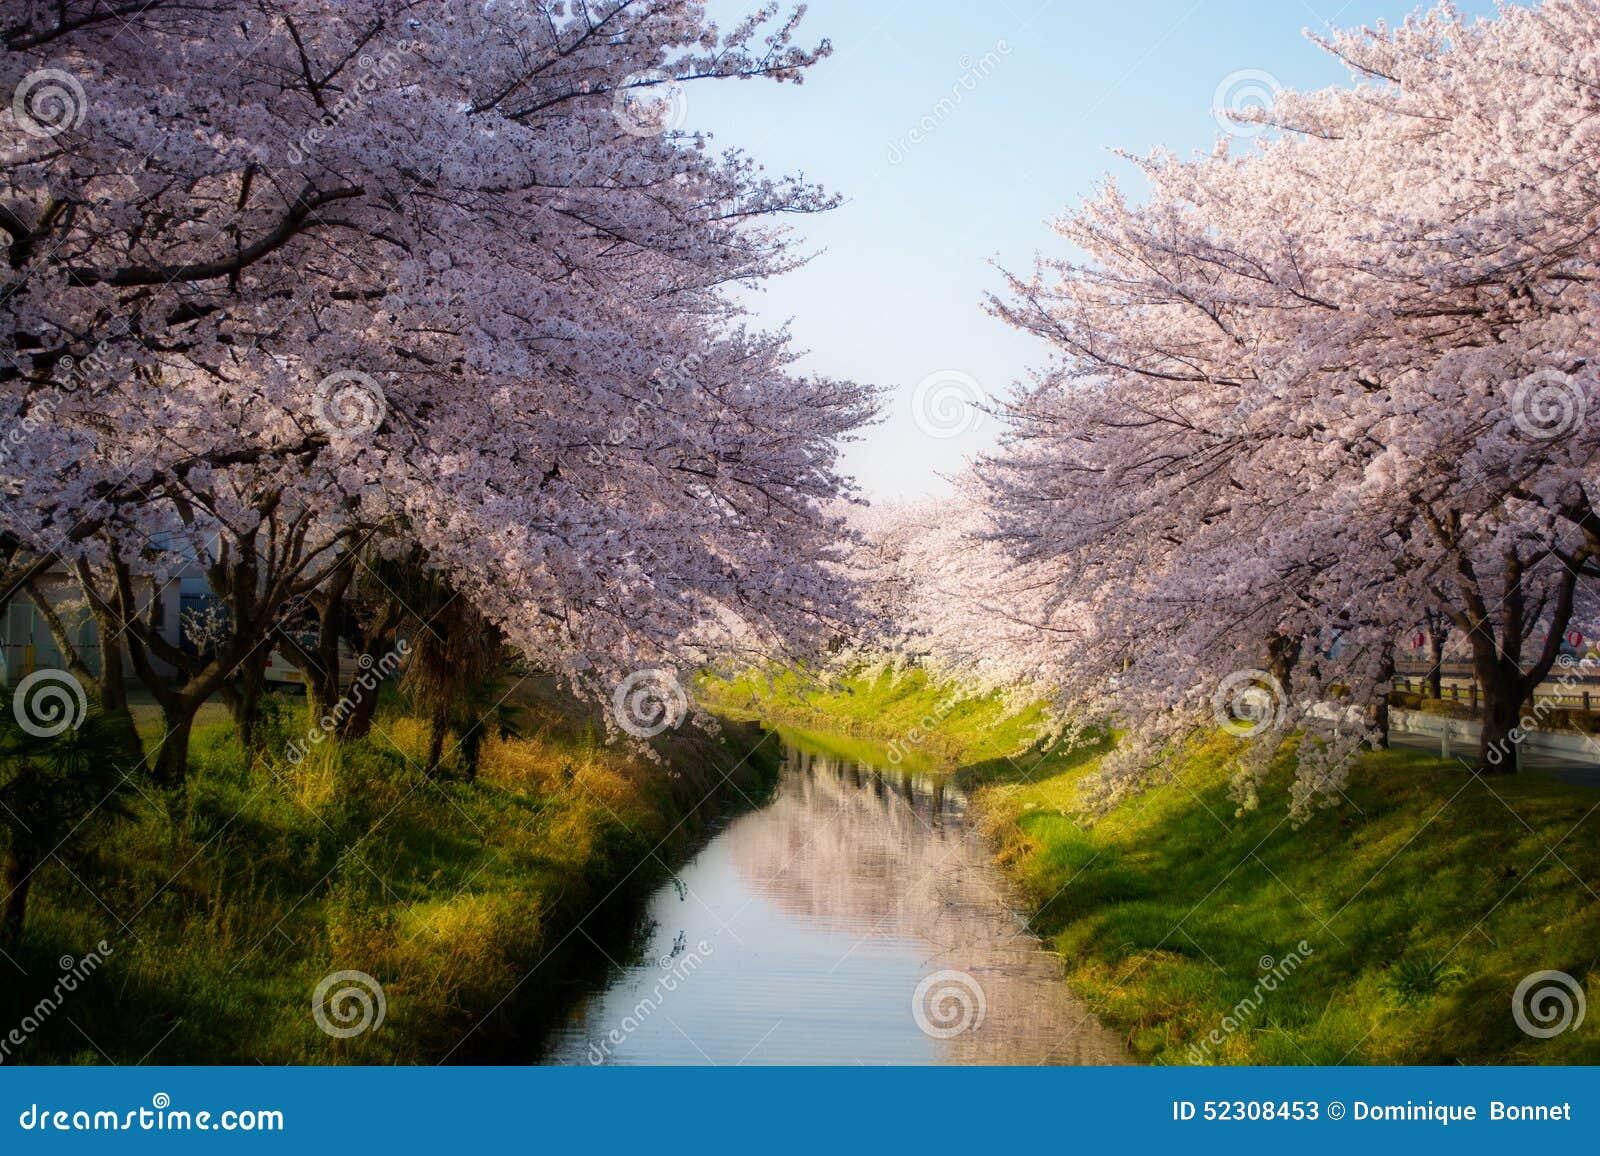 Kirschblüte mit träumerischem Effekt #2